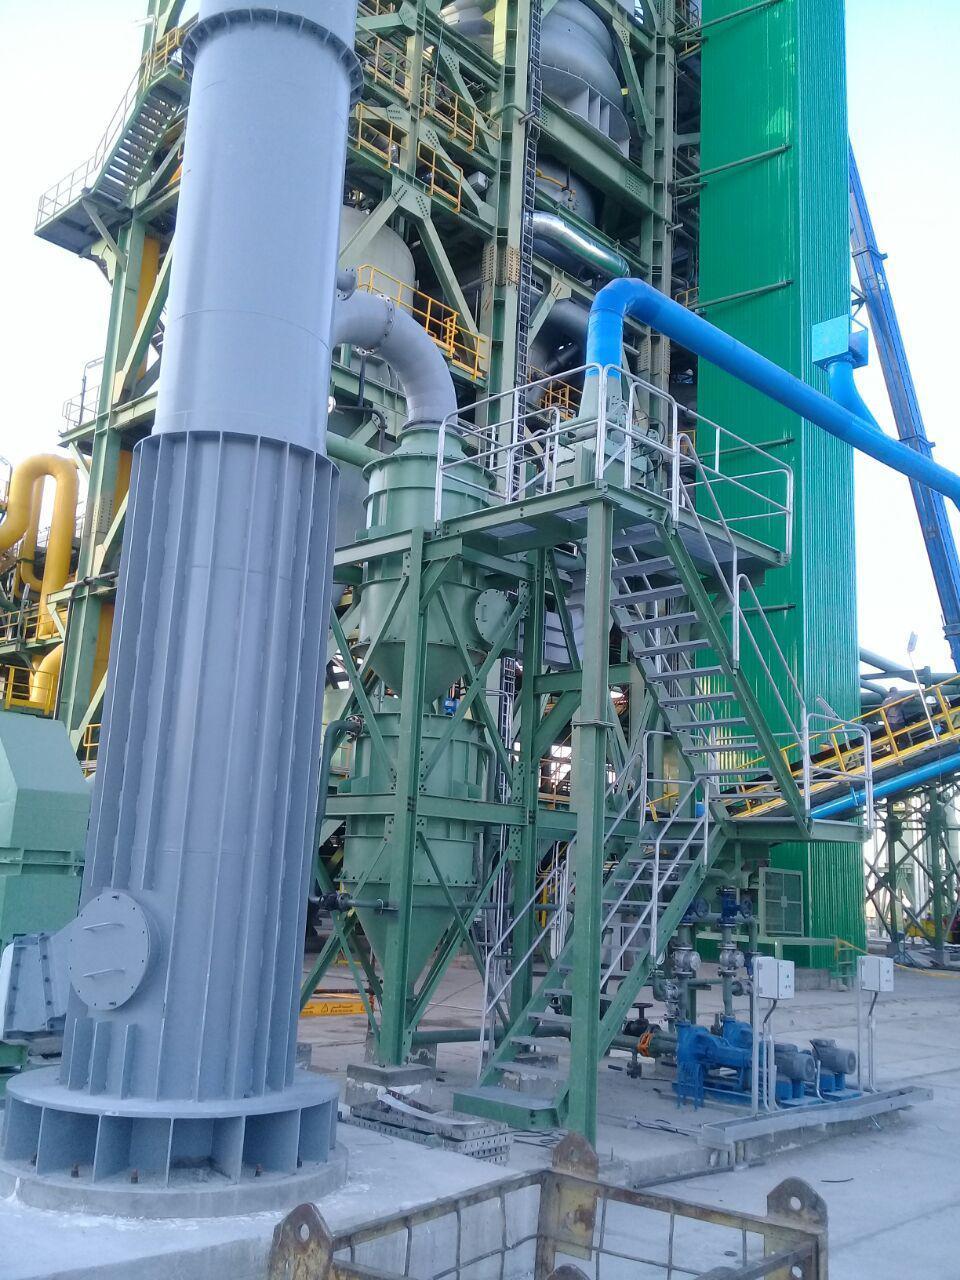 مونتاژ تجهیزات غبارگیر کوره مجتمع فولاد نی ریز شامل اسکرابر، فن سانتریفوژ